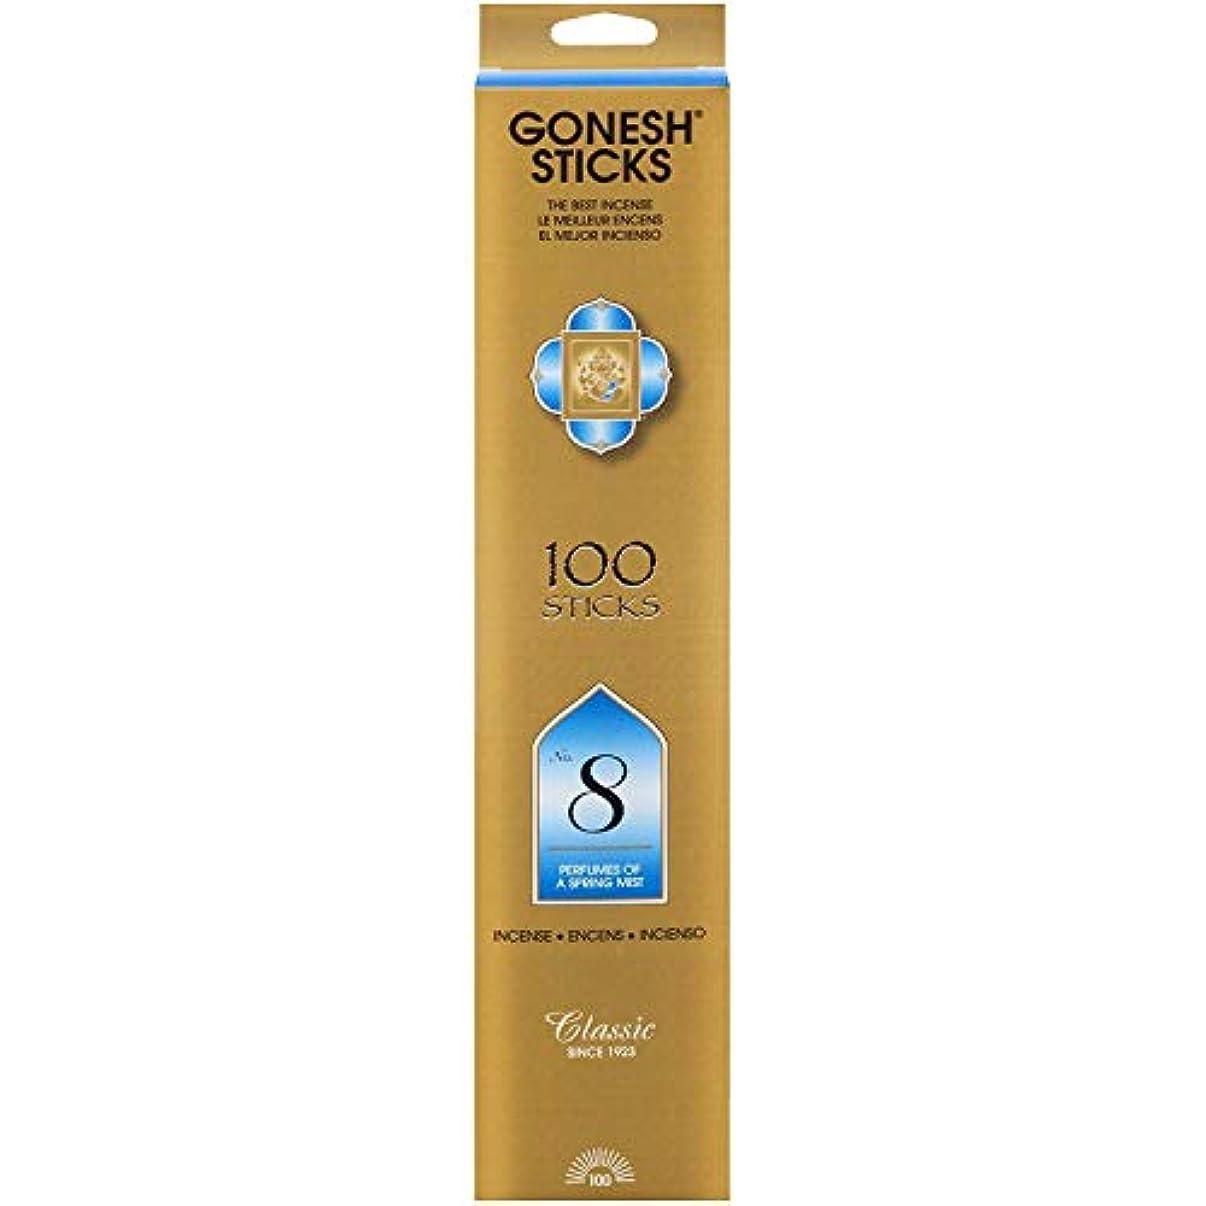 出席対称概してGONESH インセンス No.8 スティック 100本入 セット販売 (2個)